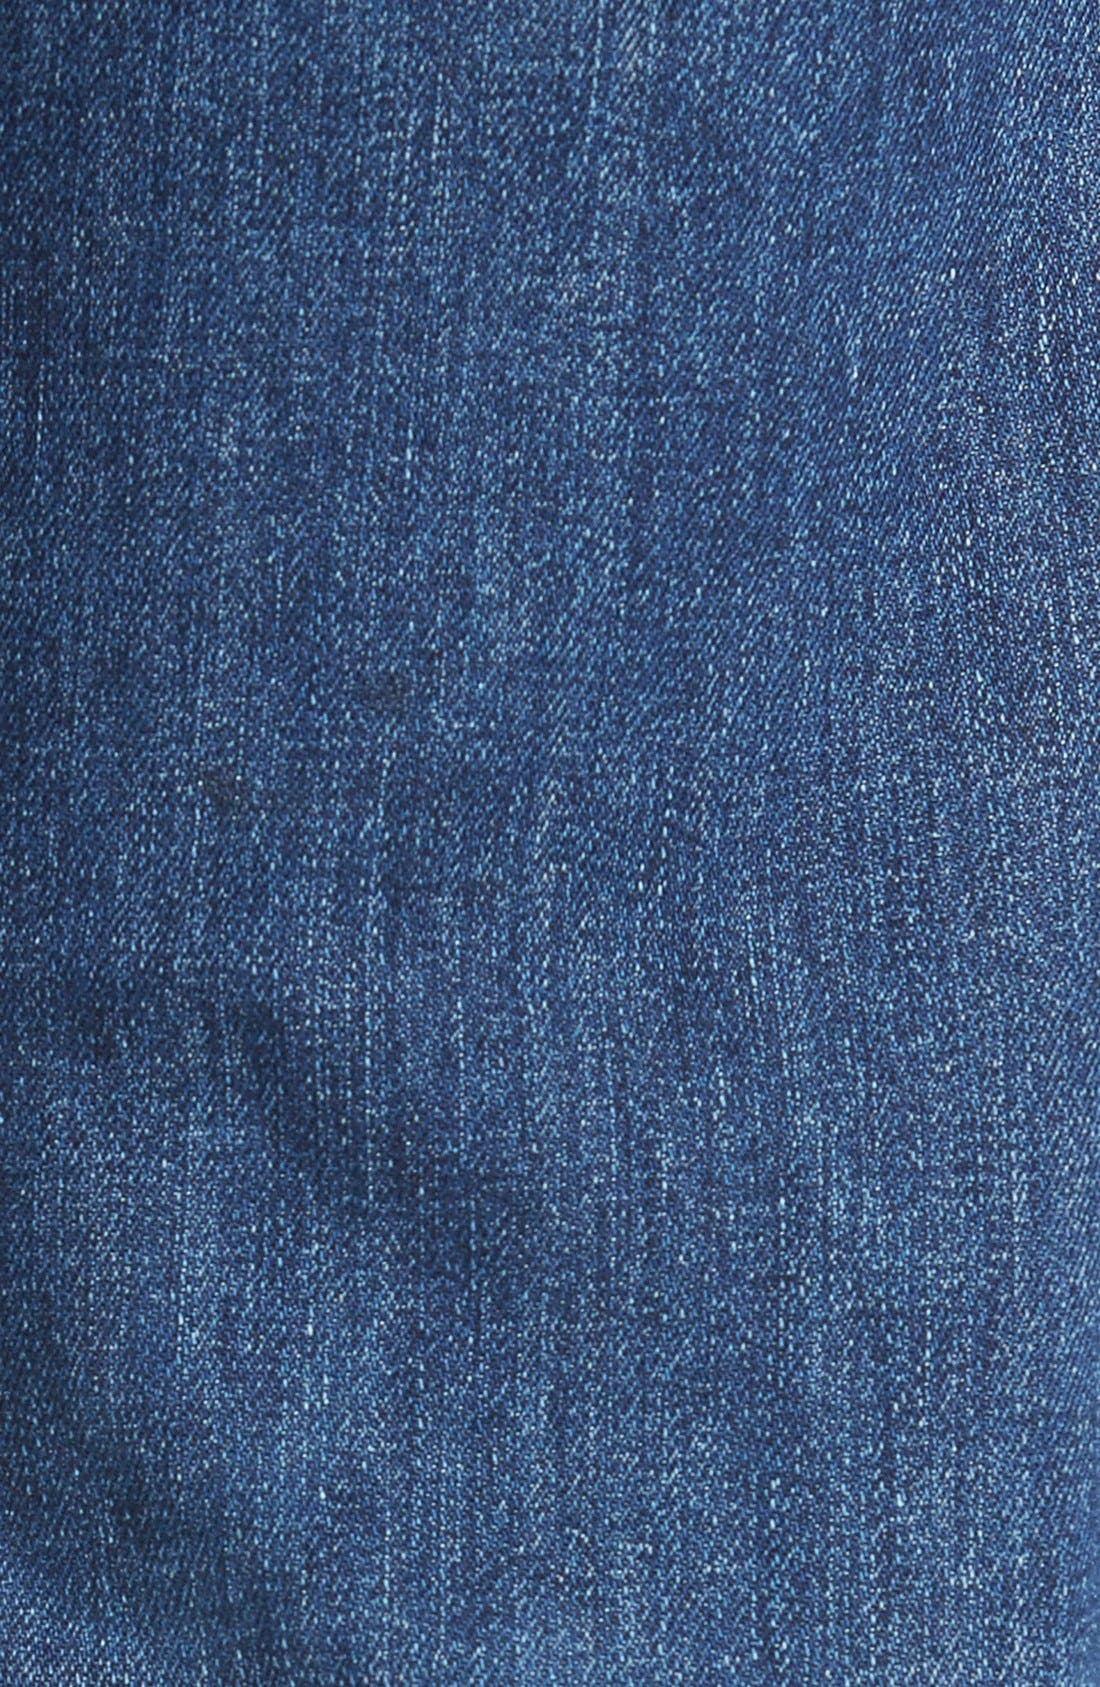 'Core' Slim Fit Jeans,                             Alternate thumbnail 5, color,                             427